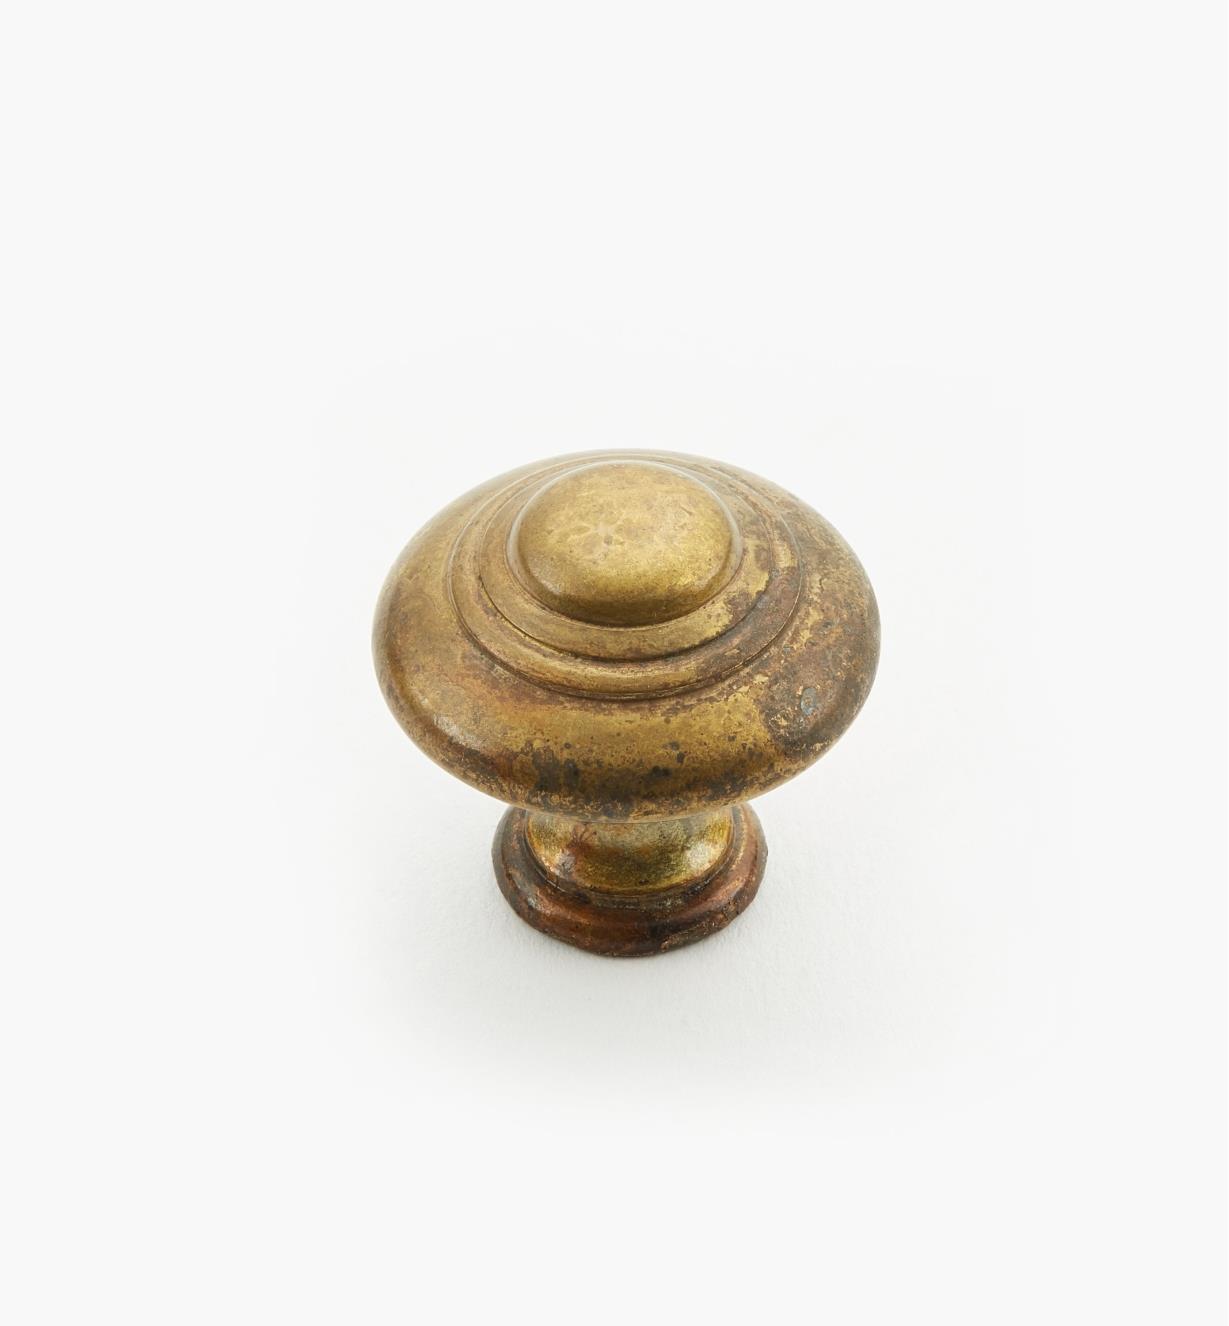 01A3925 - Bouton annelé de 25 mm x 25 mm, quincaillerie à trois perles, série I